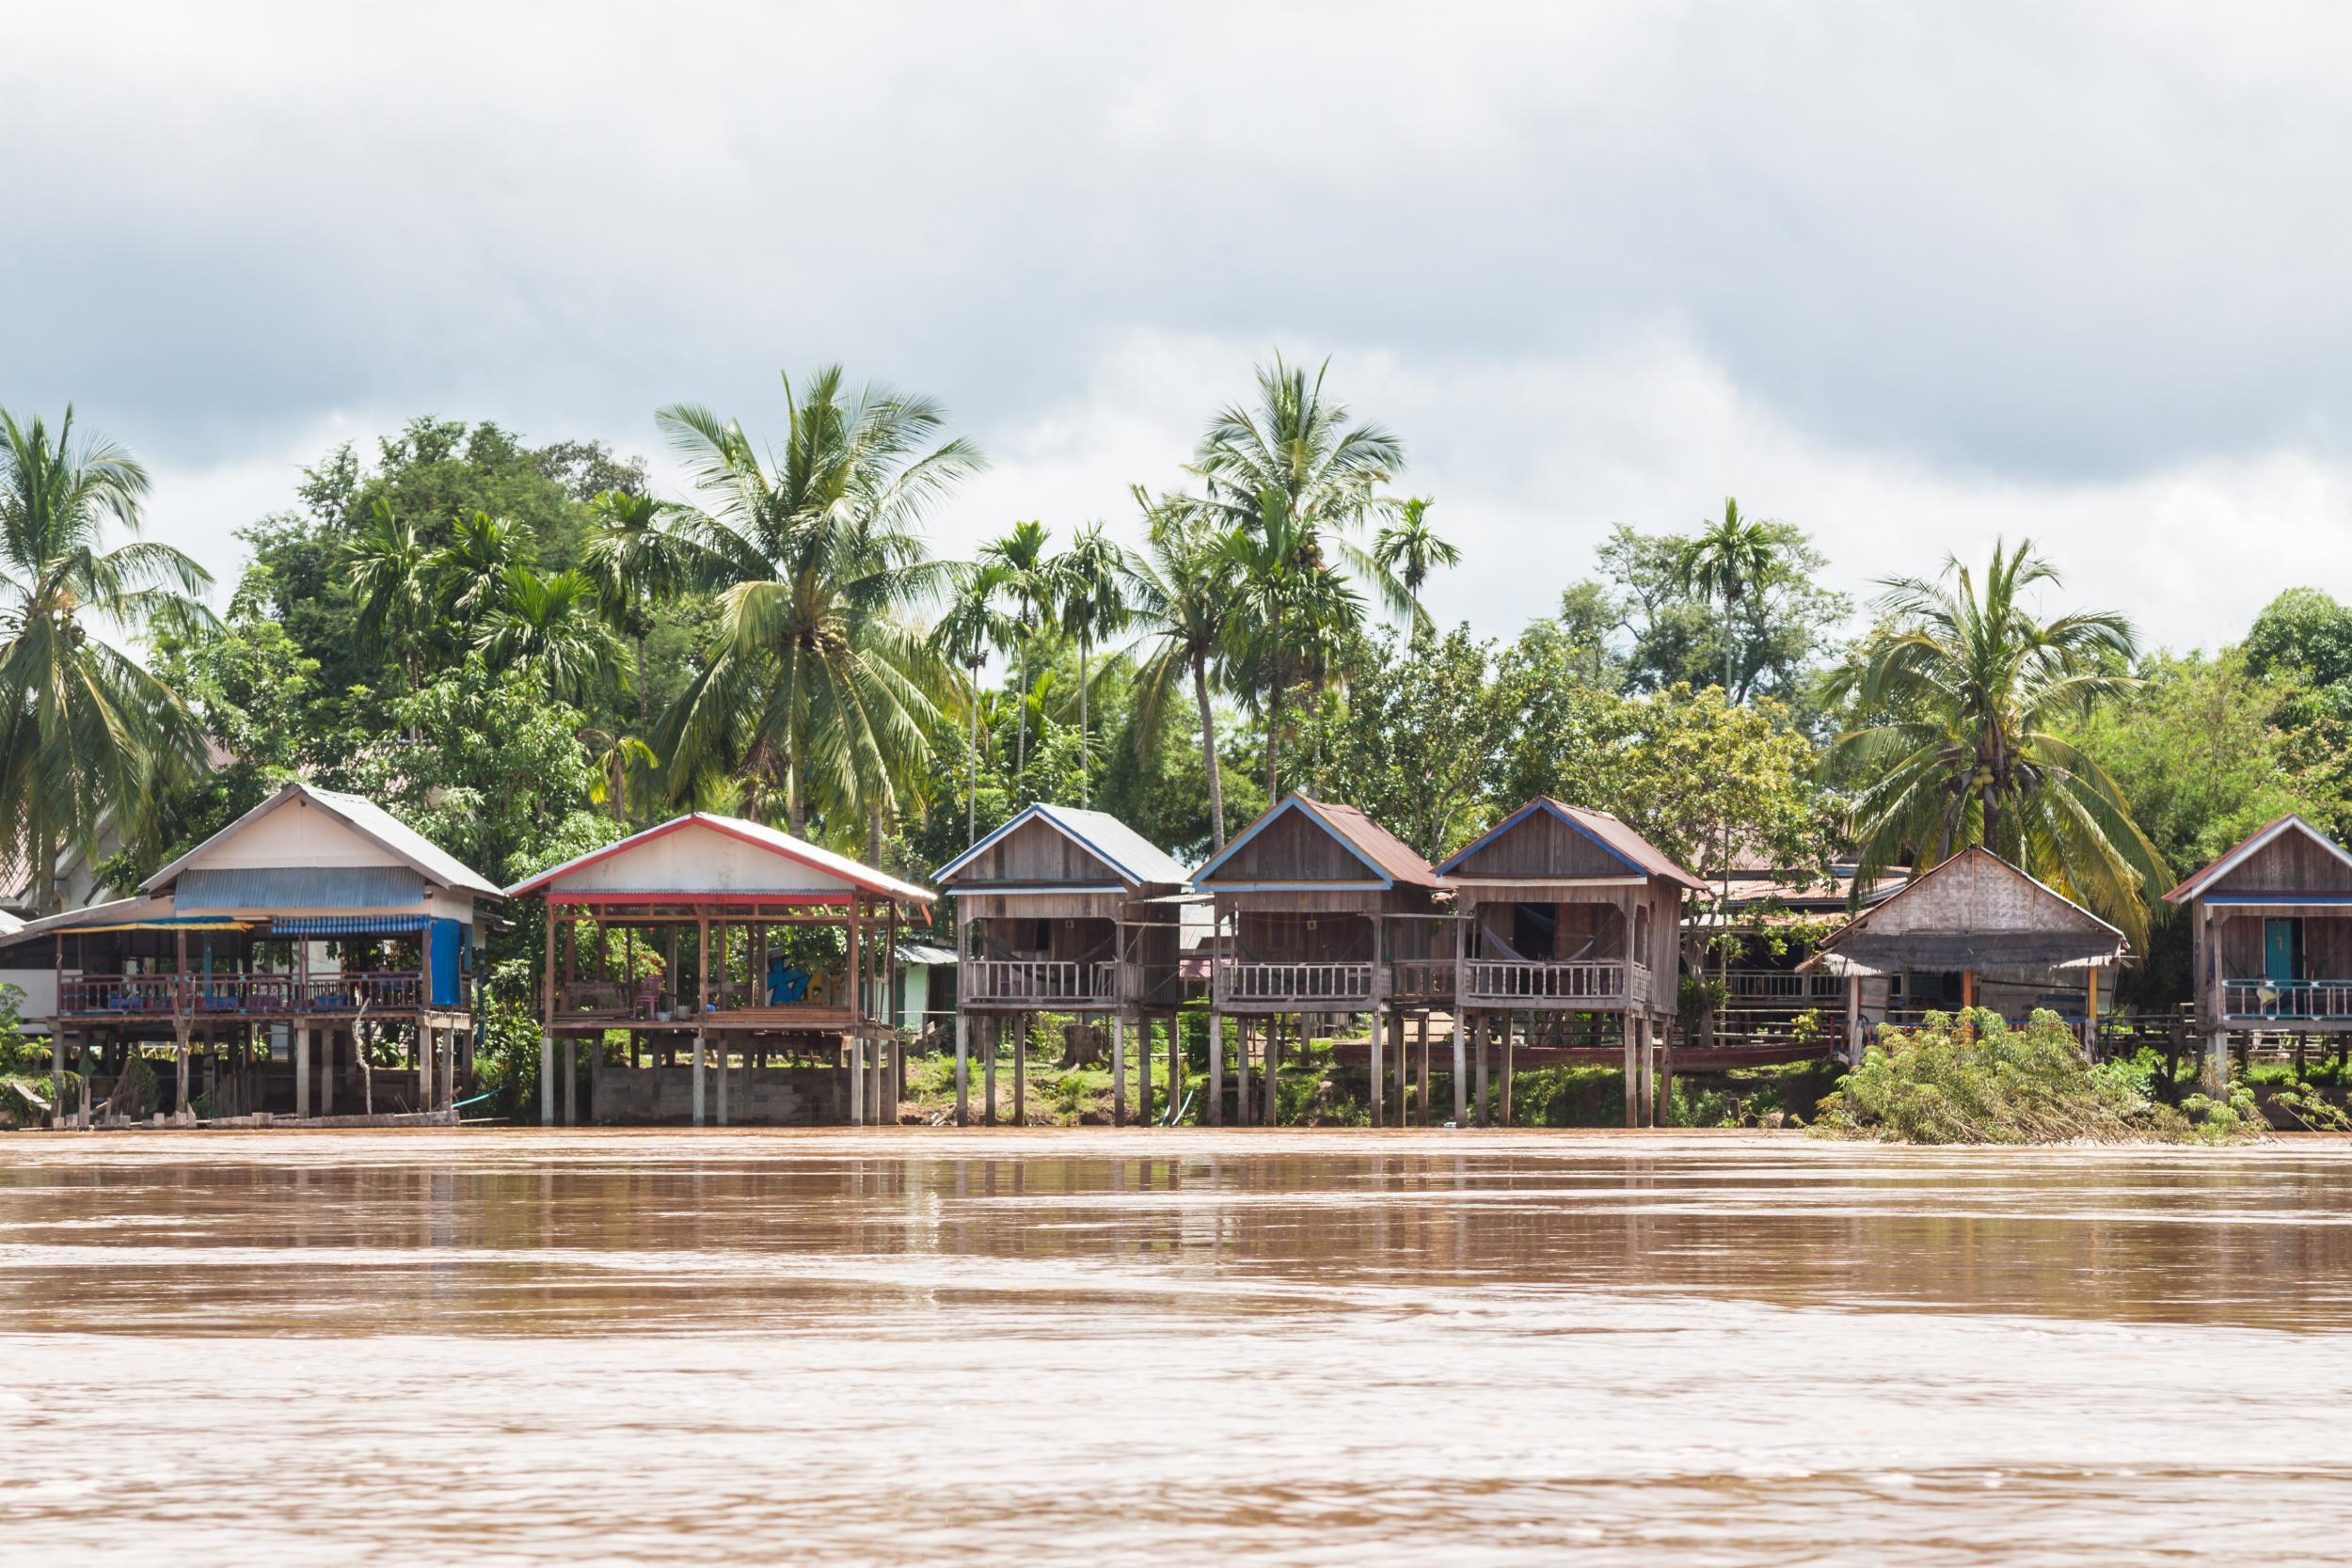 国庆旅游不想人挤人?东南亚这4个冷门岛屿可以去自嗨